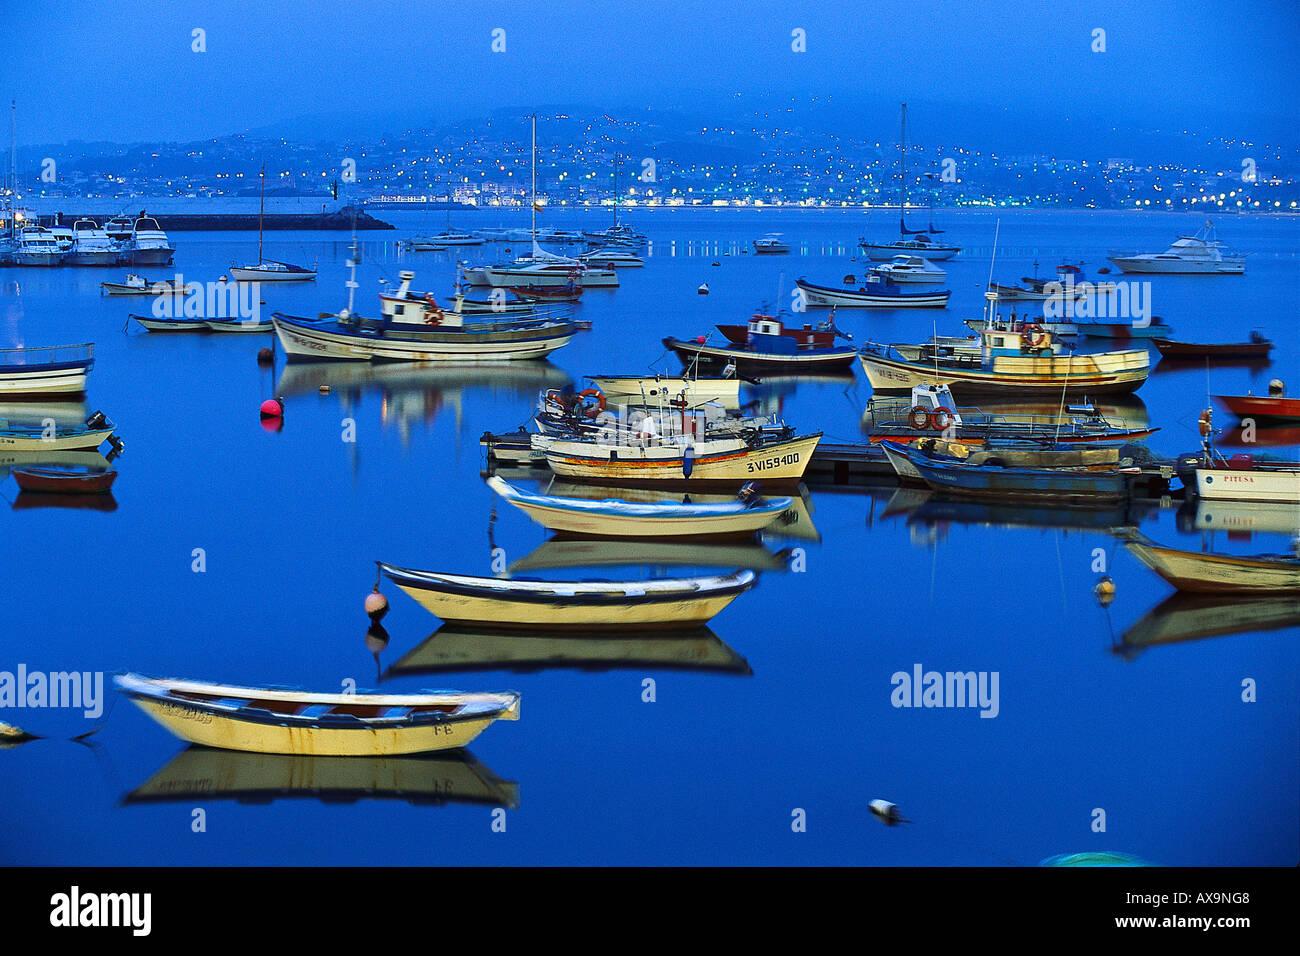 Bateaux de pêche dans le port de nuit, Ria de Baiona, Pontevedra, Galice, Espagne Photo Stock